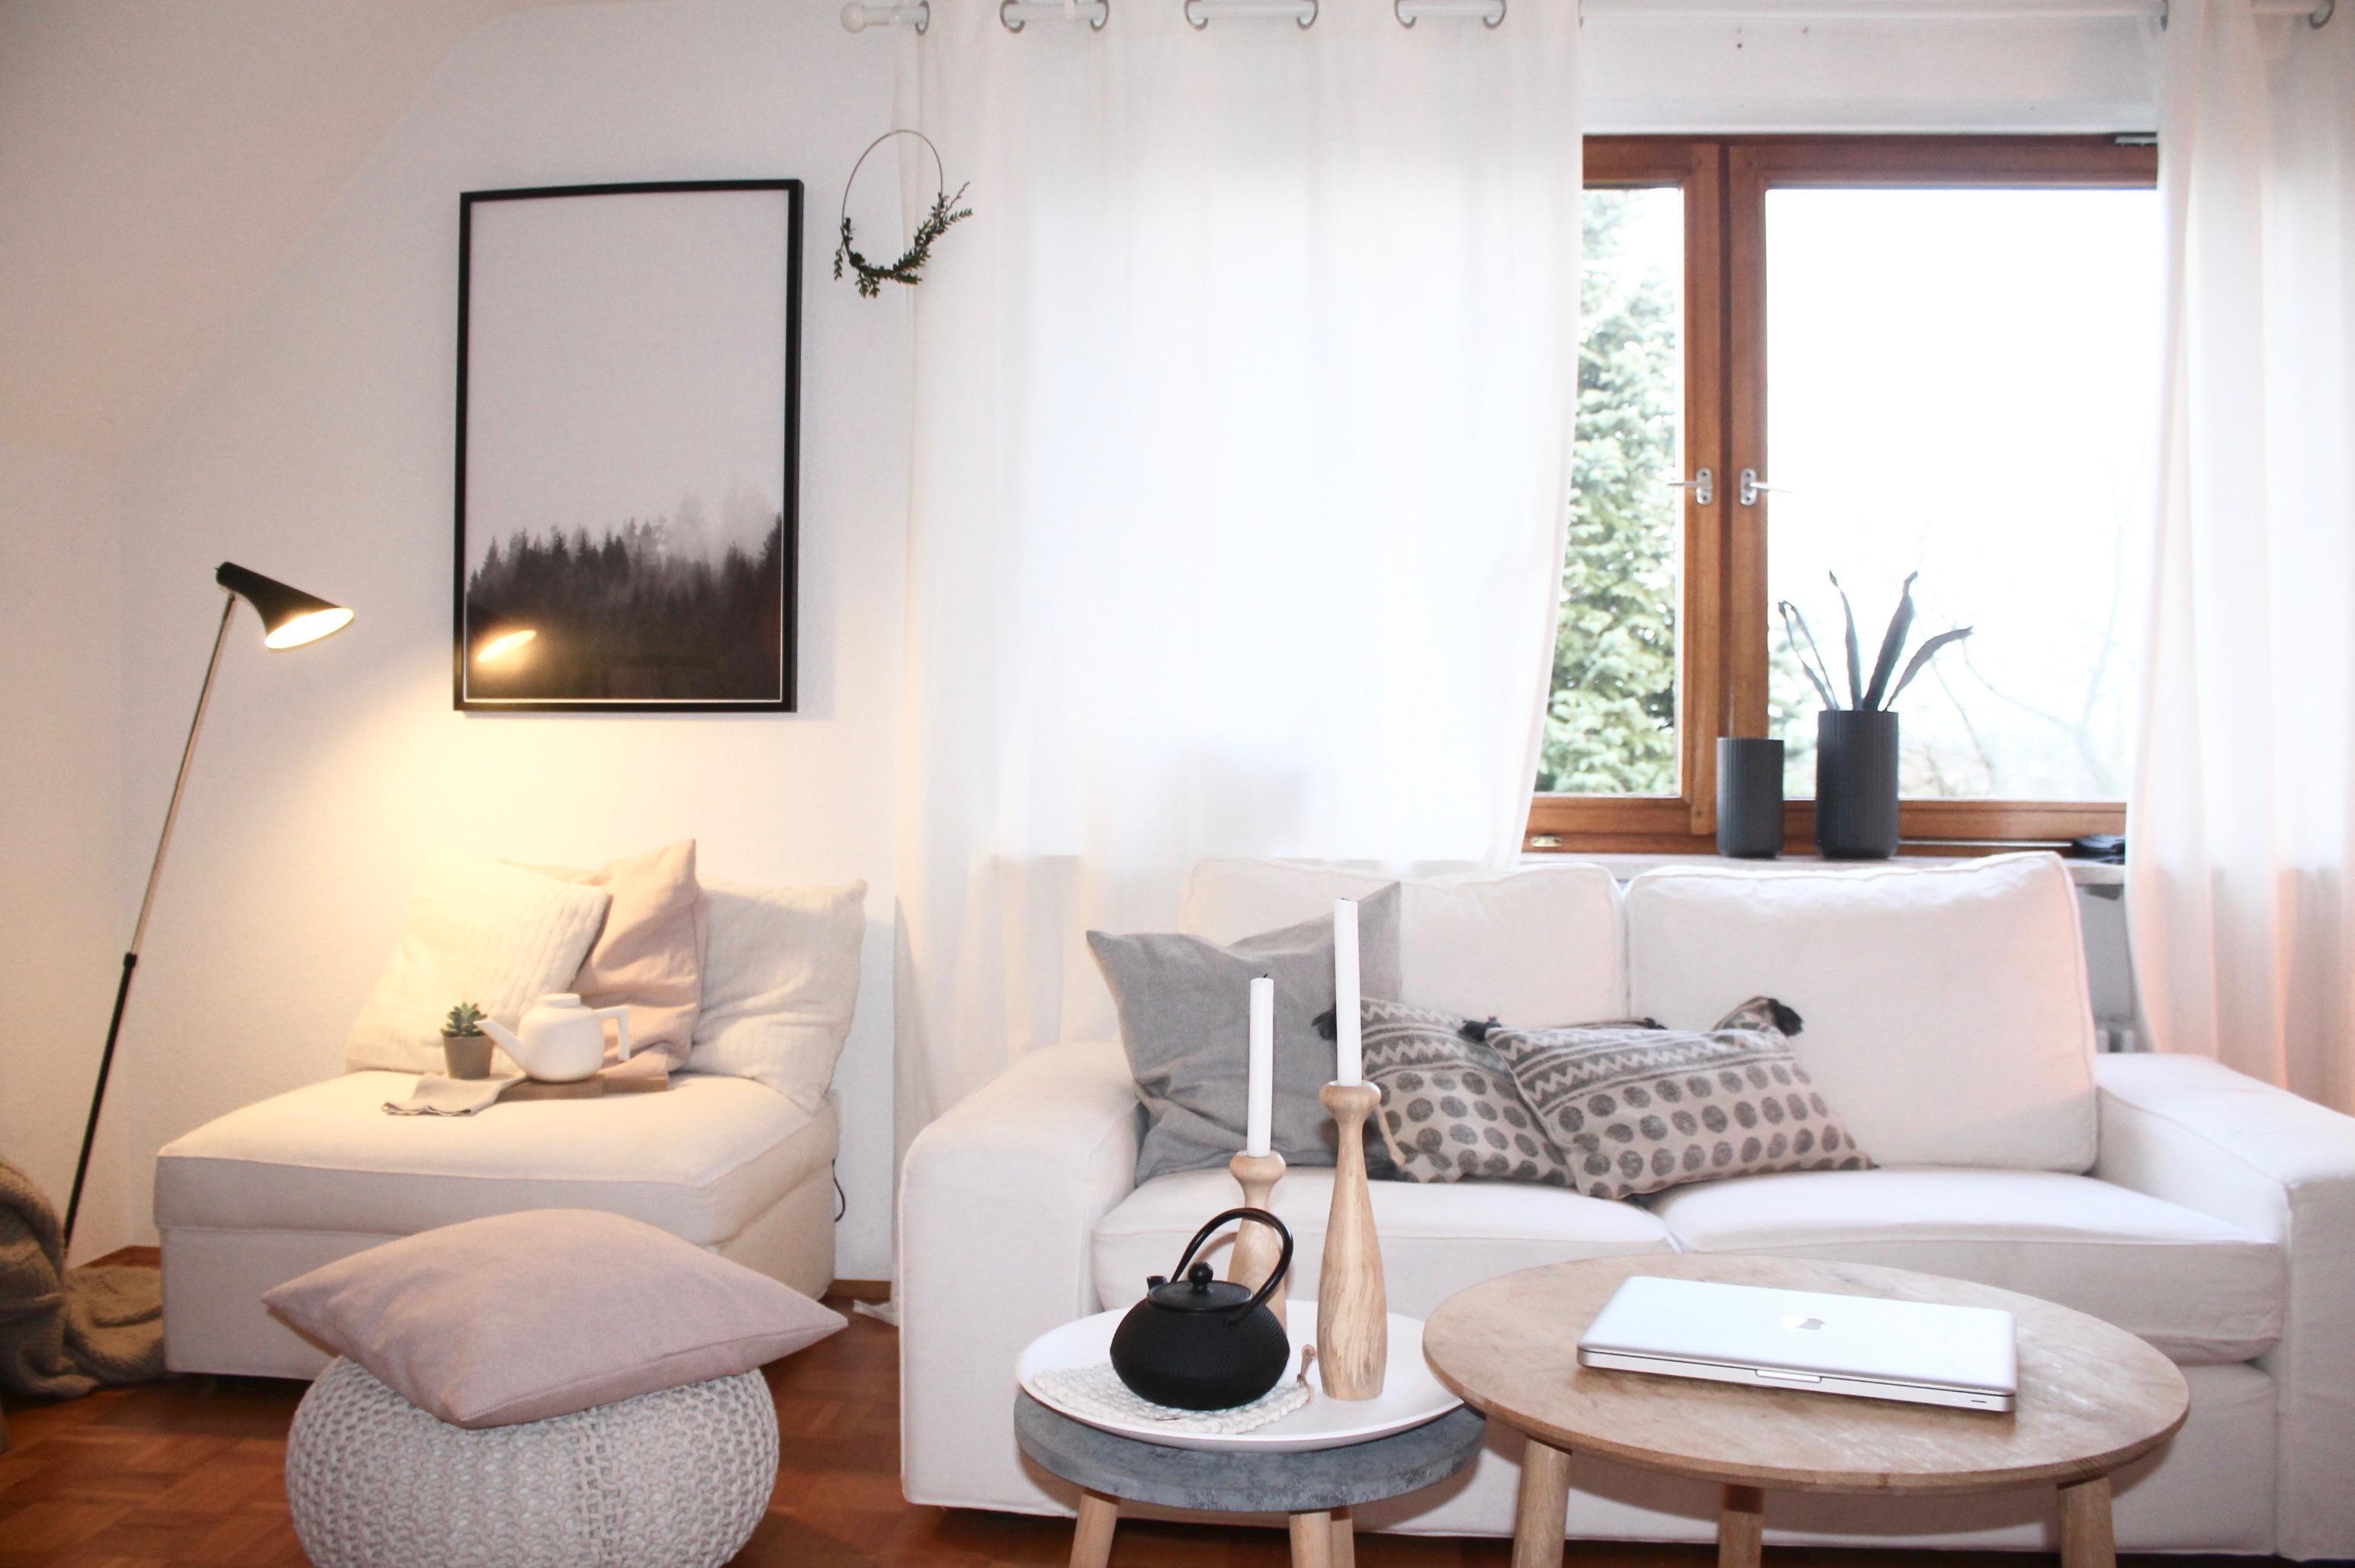 beistelltisch wohnzimmer kissen kerzenstander ikea ikea wohnzimmer kissen. Black Bedroom Furniture Sets. Home Design Ideas